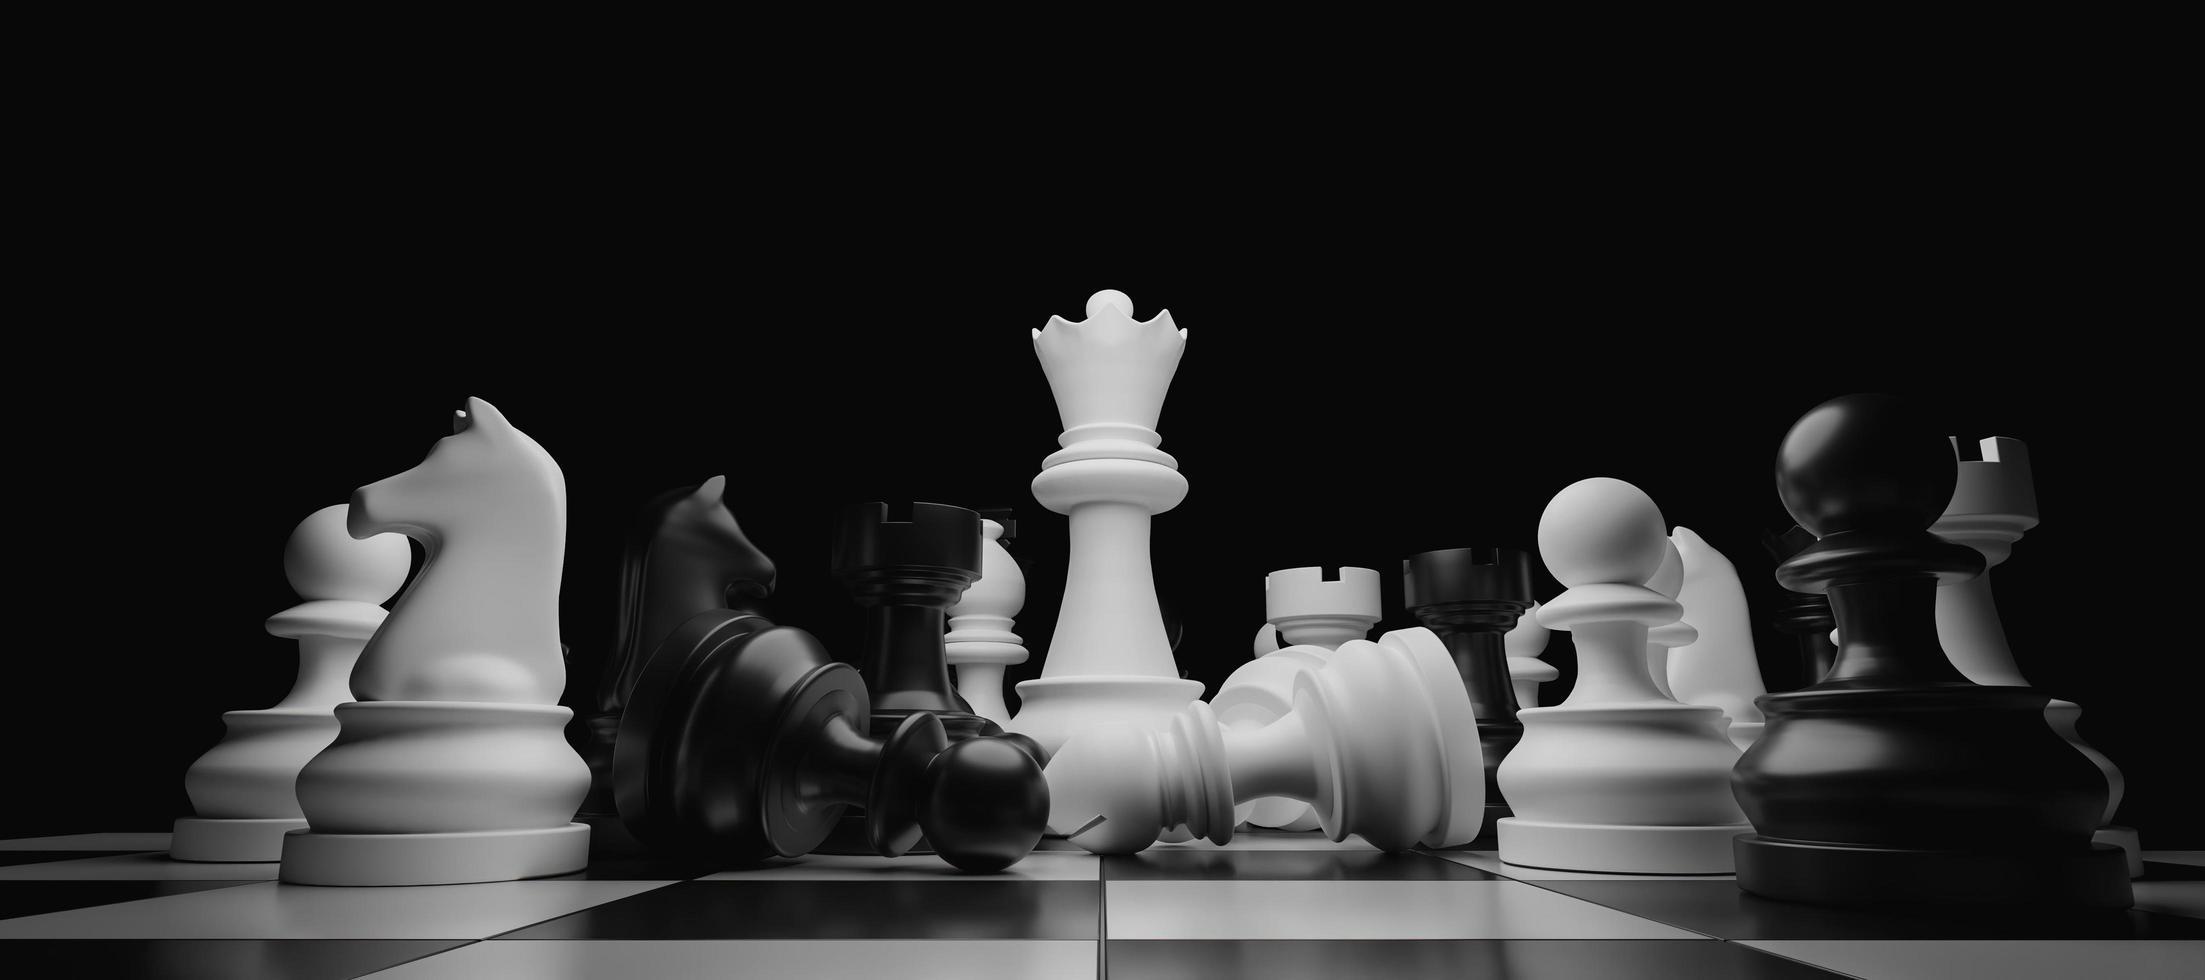 Gros plan de pièces d'échecs empilées avec la reine blanche se détachant au centre, rendu 3d photo